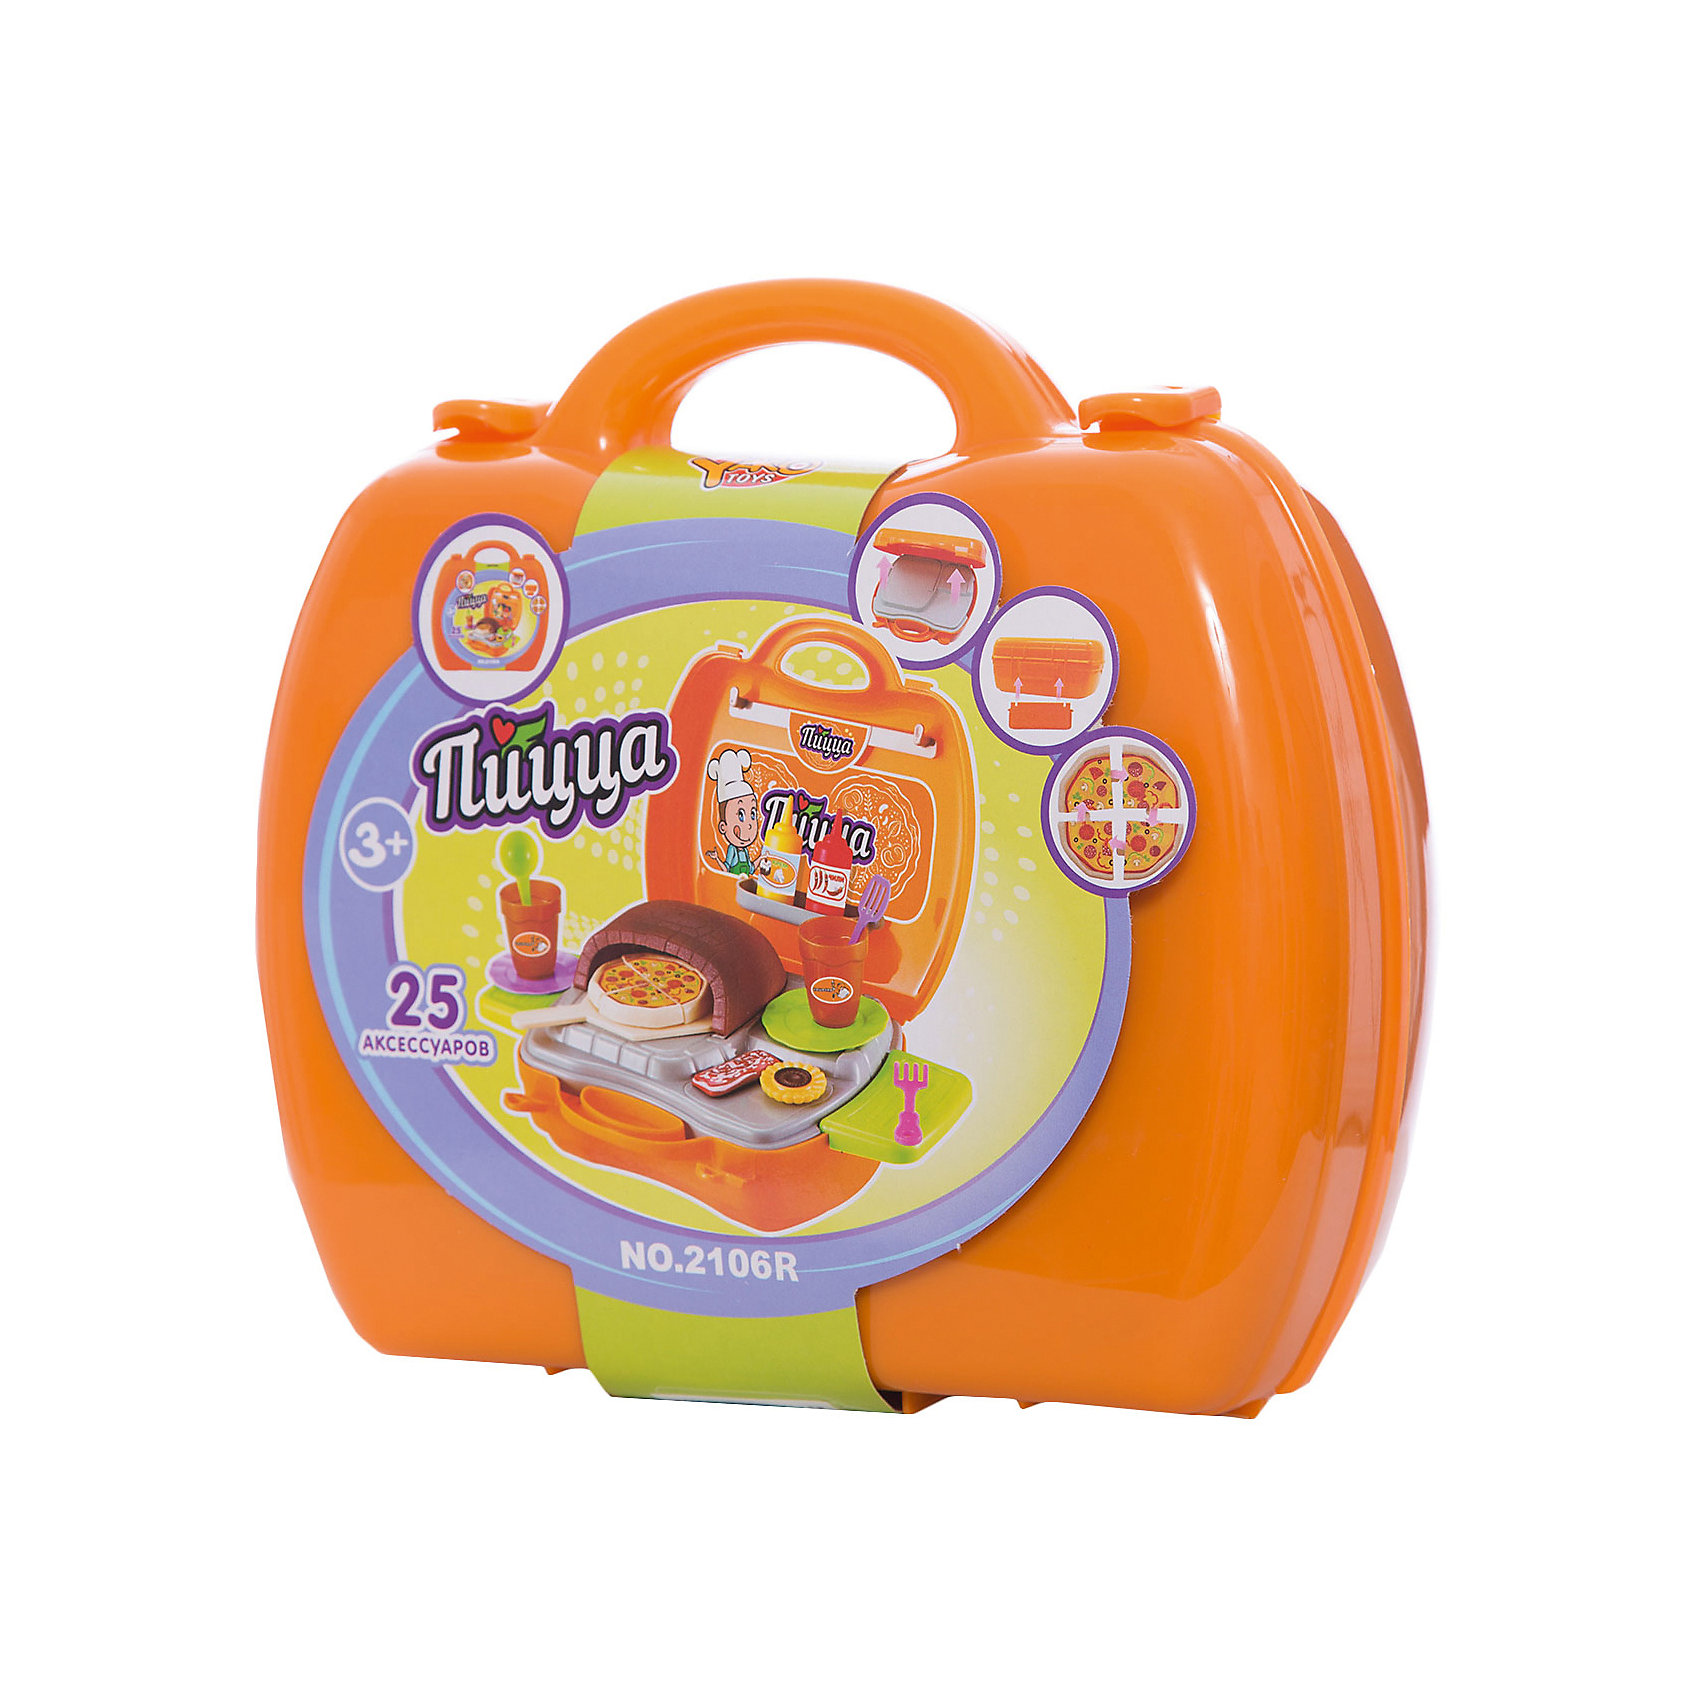 Игровой набор Пицца, YakoИгрушечные продукты питания<br>Характеристики товара:<br><br>• в комплекте: чемоданчик, игрушечная плита, посуда, столовые приборы, аксессуары;<br>• материал: пластик;<br>• возраст: от 3-х лет;<br>• размер упаковки: 30х34х30 см;<br>• вес: 497 грамм;<br>• страна бренда: Китай.<br><br>Игровой набор «Пицца» содержит всё необходимое для приготовления вкусного итальянского блюда. Чемоданчик раскладывается, а после игры все предметы можно сложить обратно, чтобы взять чемоданчик с собой.<br><br>Чемоданчик быстро превращается в плиту. На полочках и крючках ребенок сможет удобно разместить посуду и аксессуары.<br><br>Игрушки изготовлены из пластика без содержания токсичных материалов.<br><br>Игровой набор Пицца, Yako (Яко) можно купить в нашем интернет-магазине.<br><br>Ширина мм: 300<br>Глубина мм: 340<br>Высота мм: 300<br>Вес г: 497<br>Возраст от месяцев: 36<br>Возраст до месяцев: 2147483647<br>Пол: Женский<br>Возраст: Детский<br>SKU: 6893384